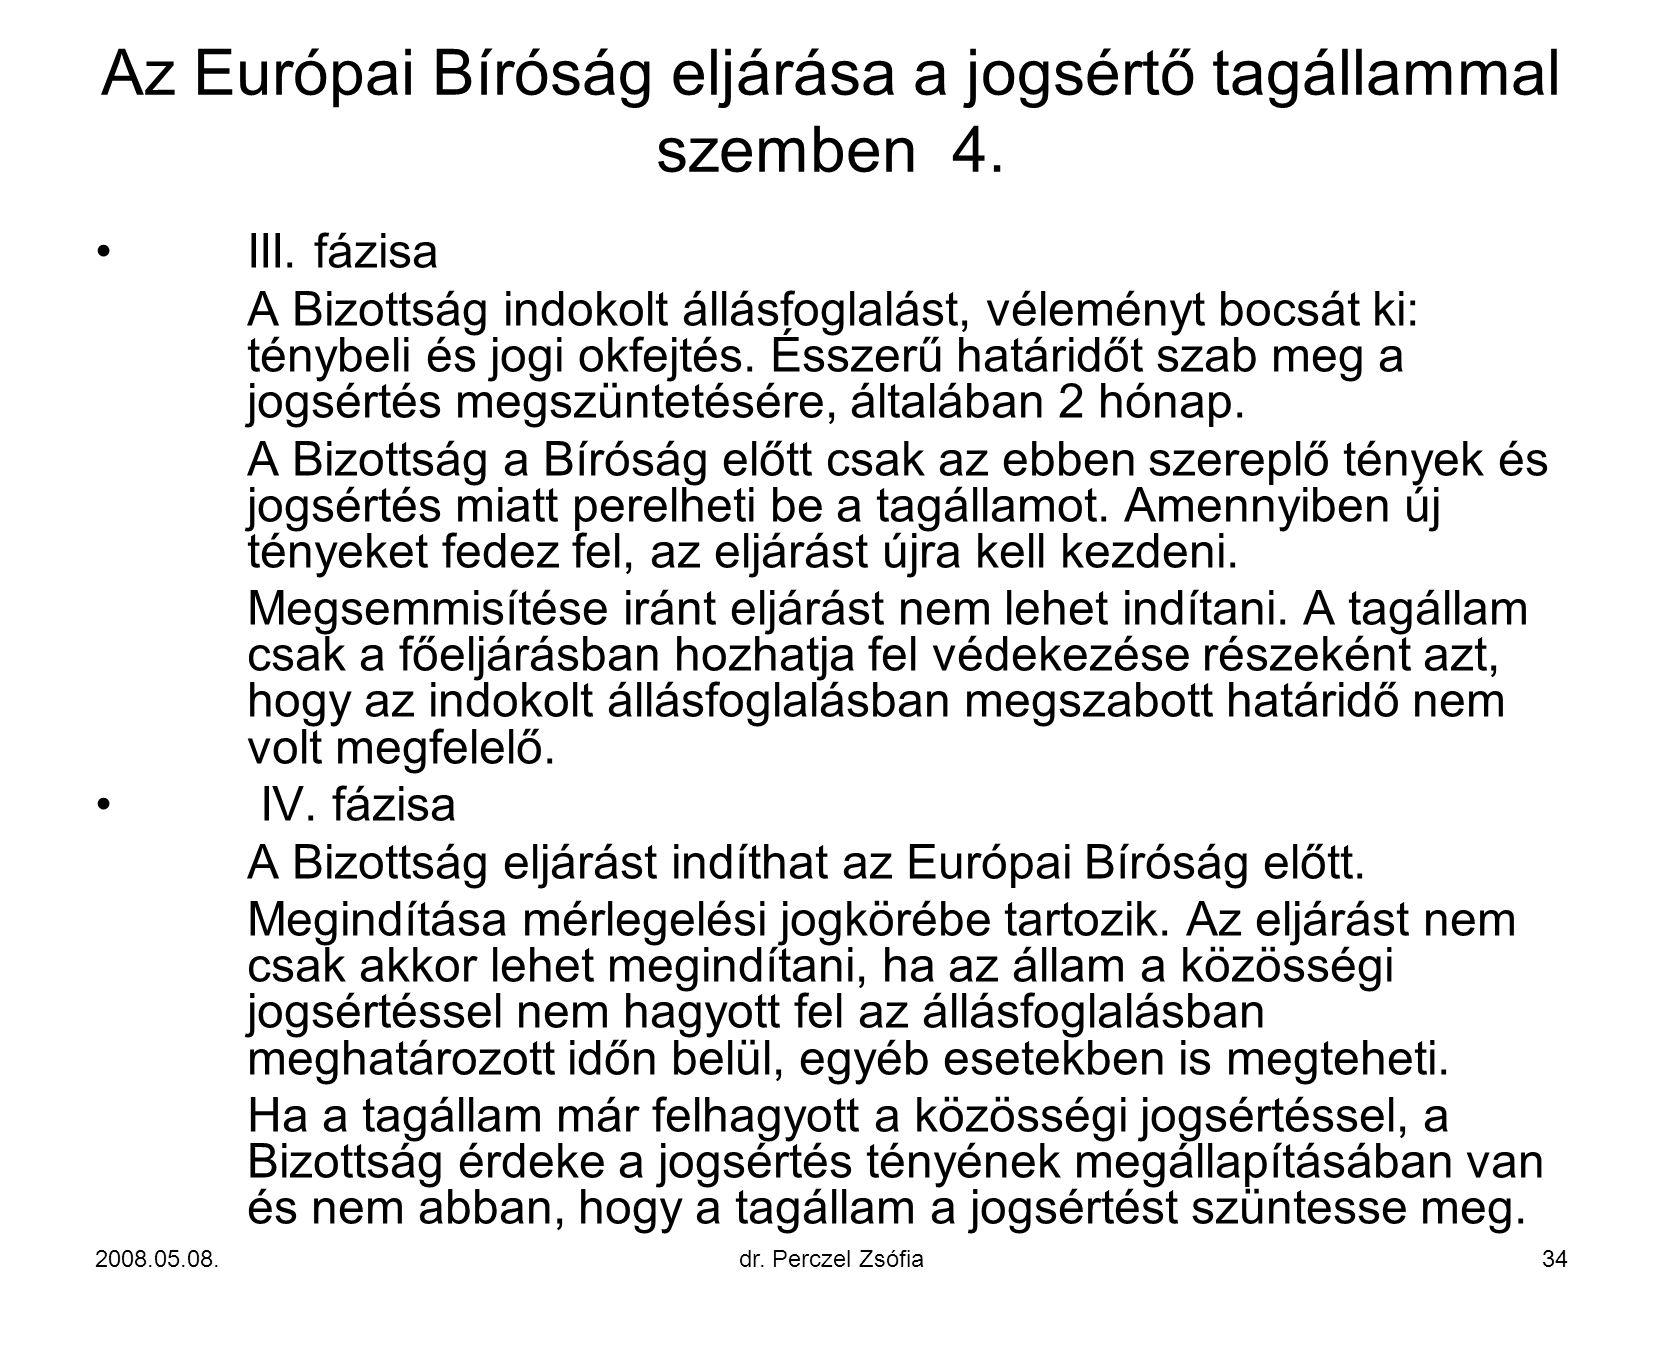 Az Európai Bíróság eljárása a jogsértő tagállammal szemben 4.